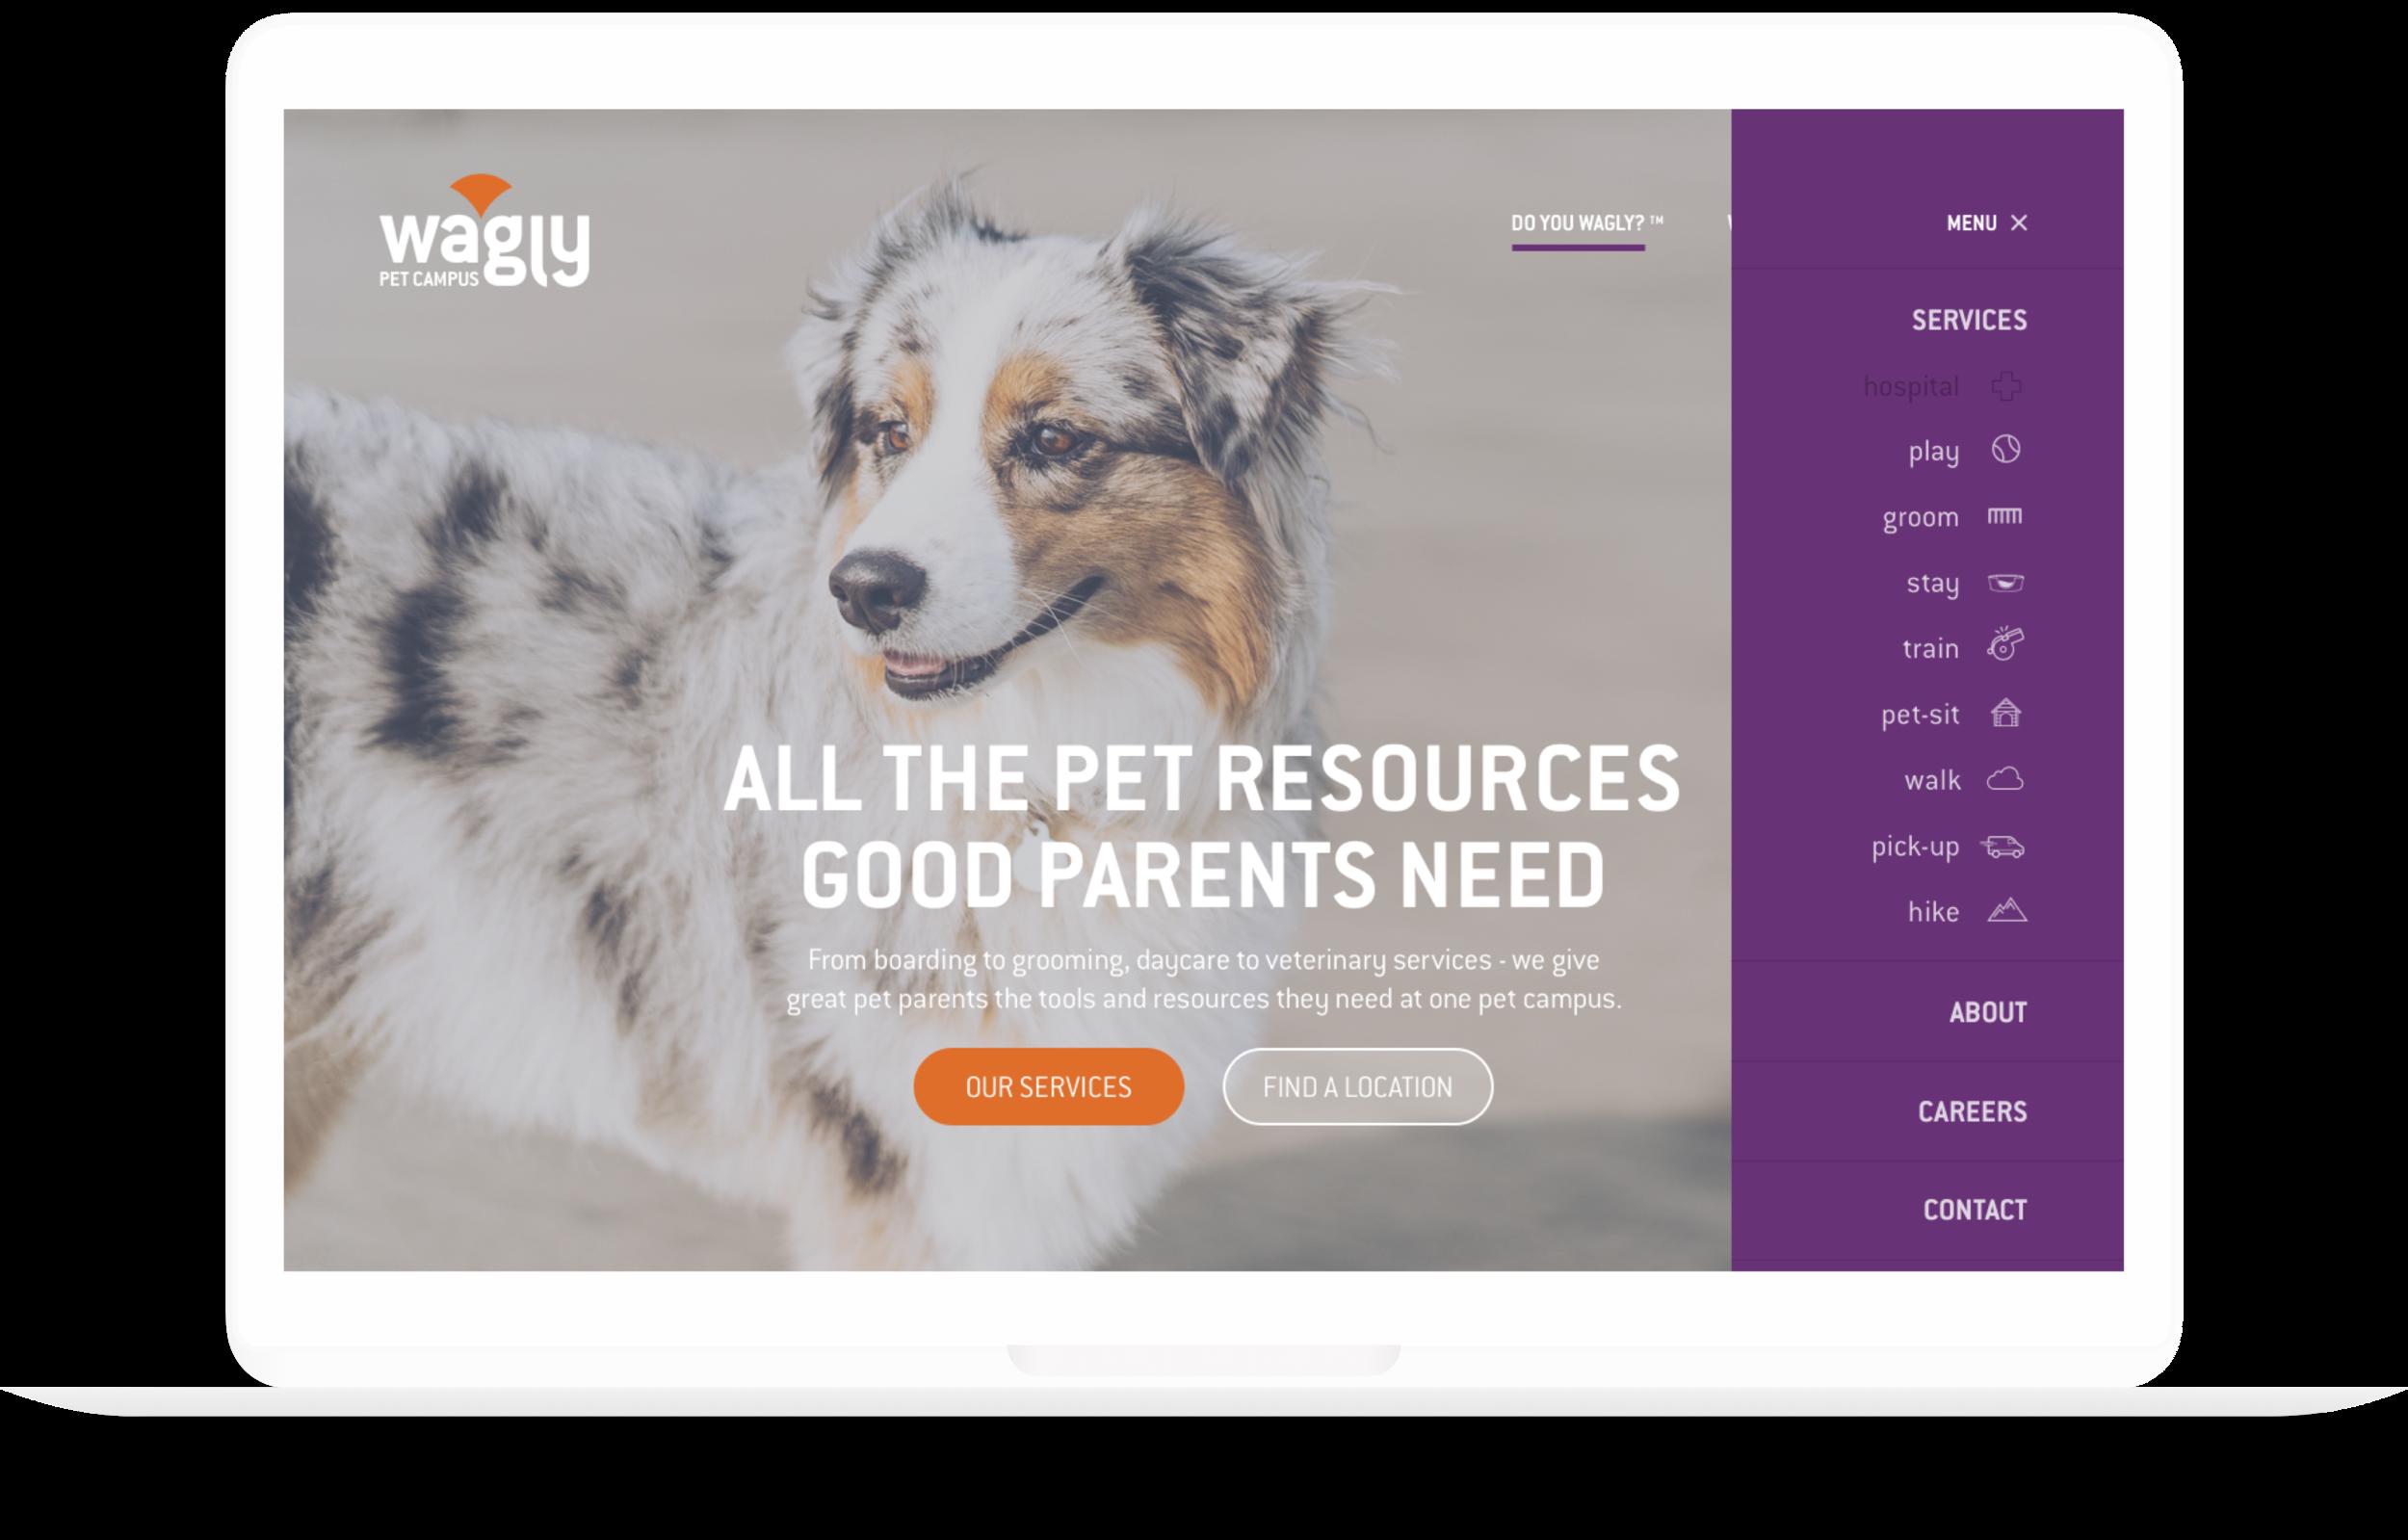 wagly_homepage_menu_2.png